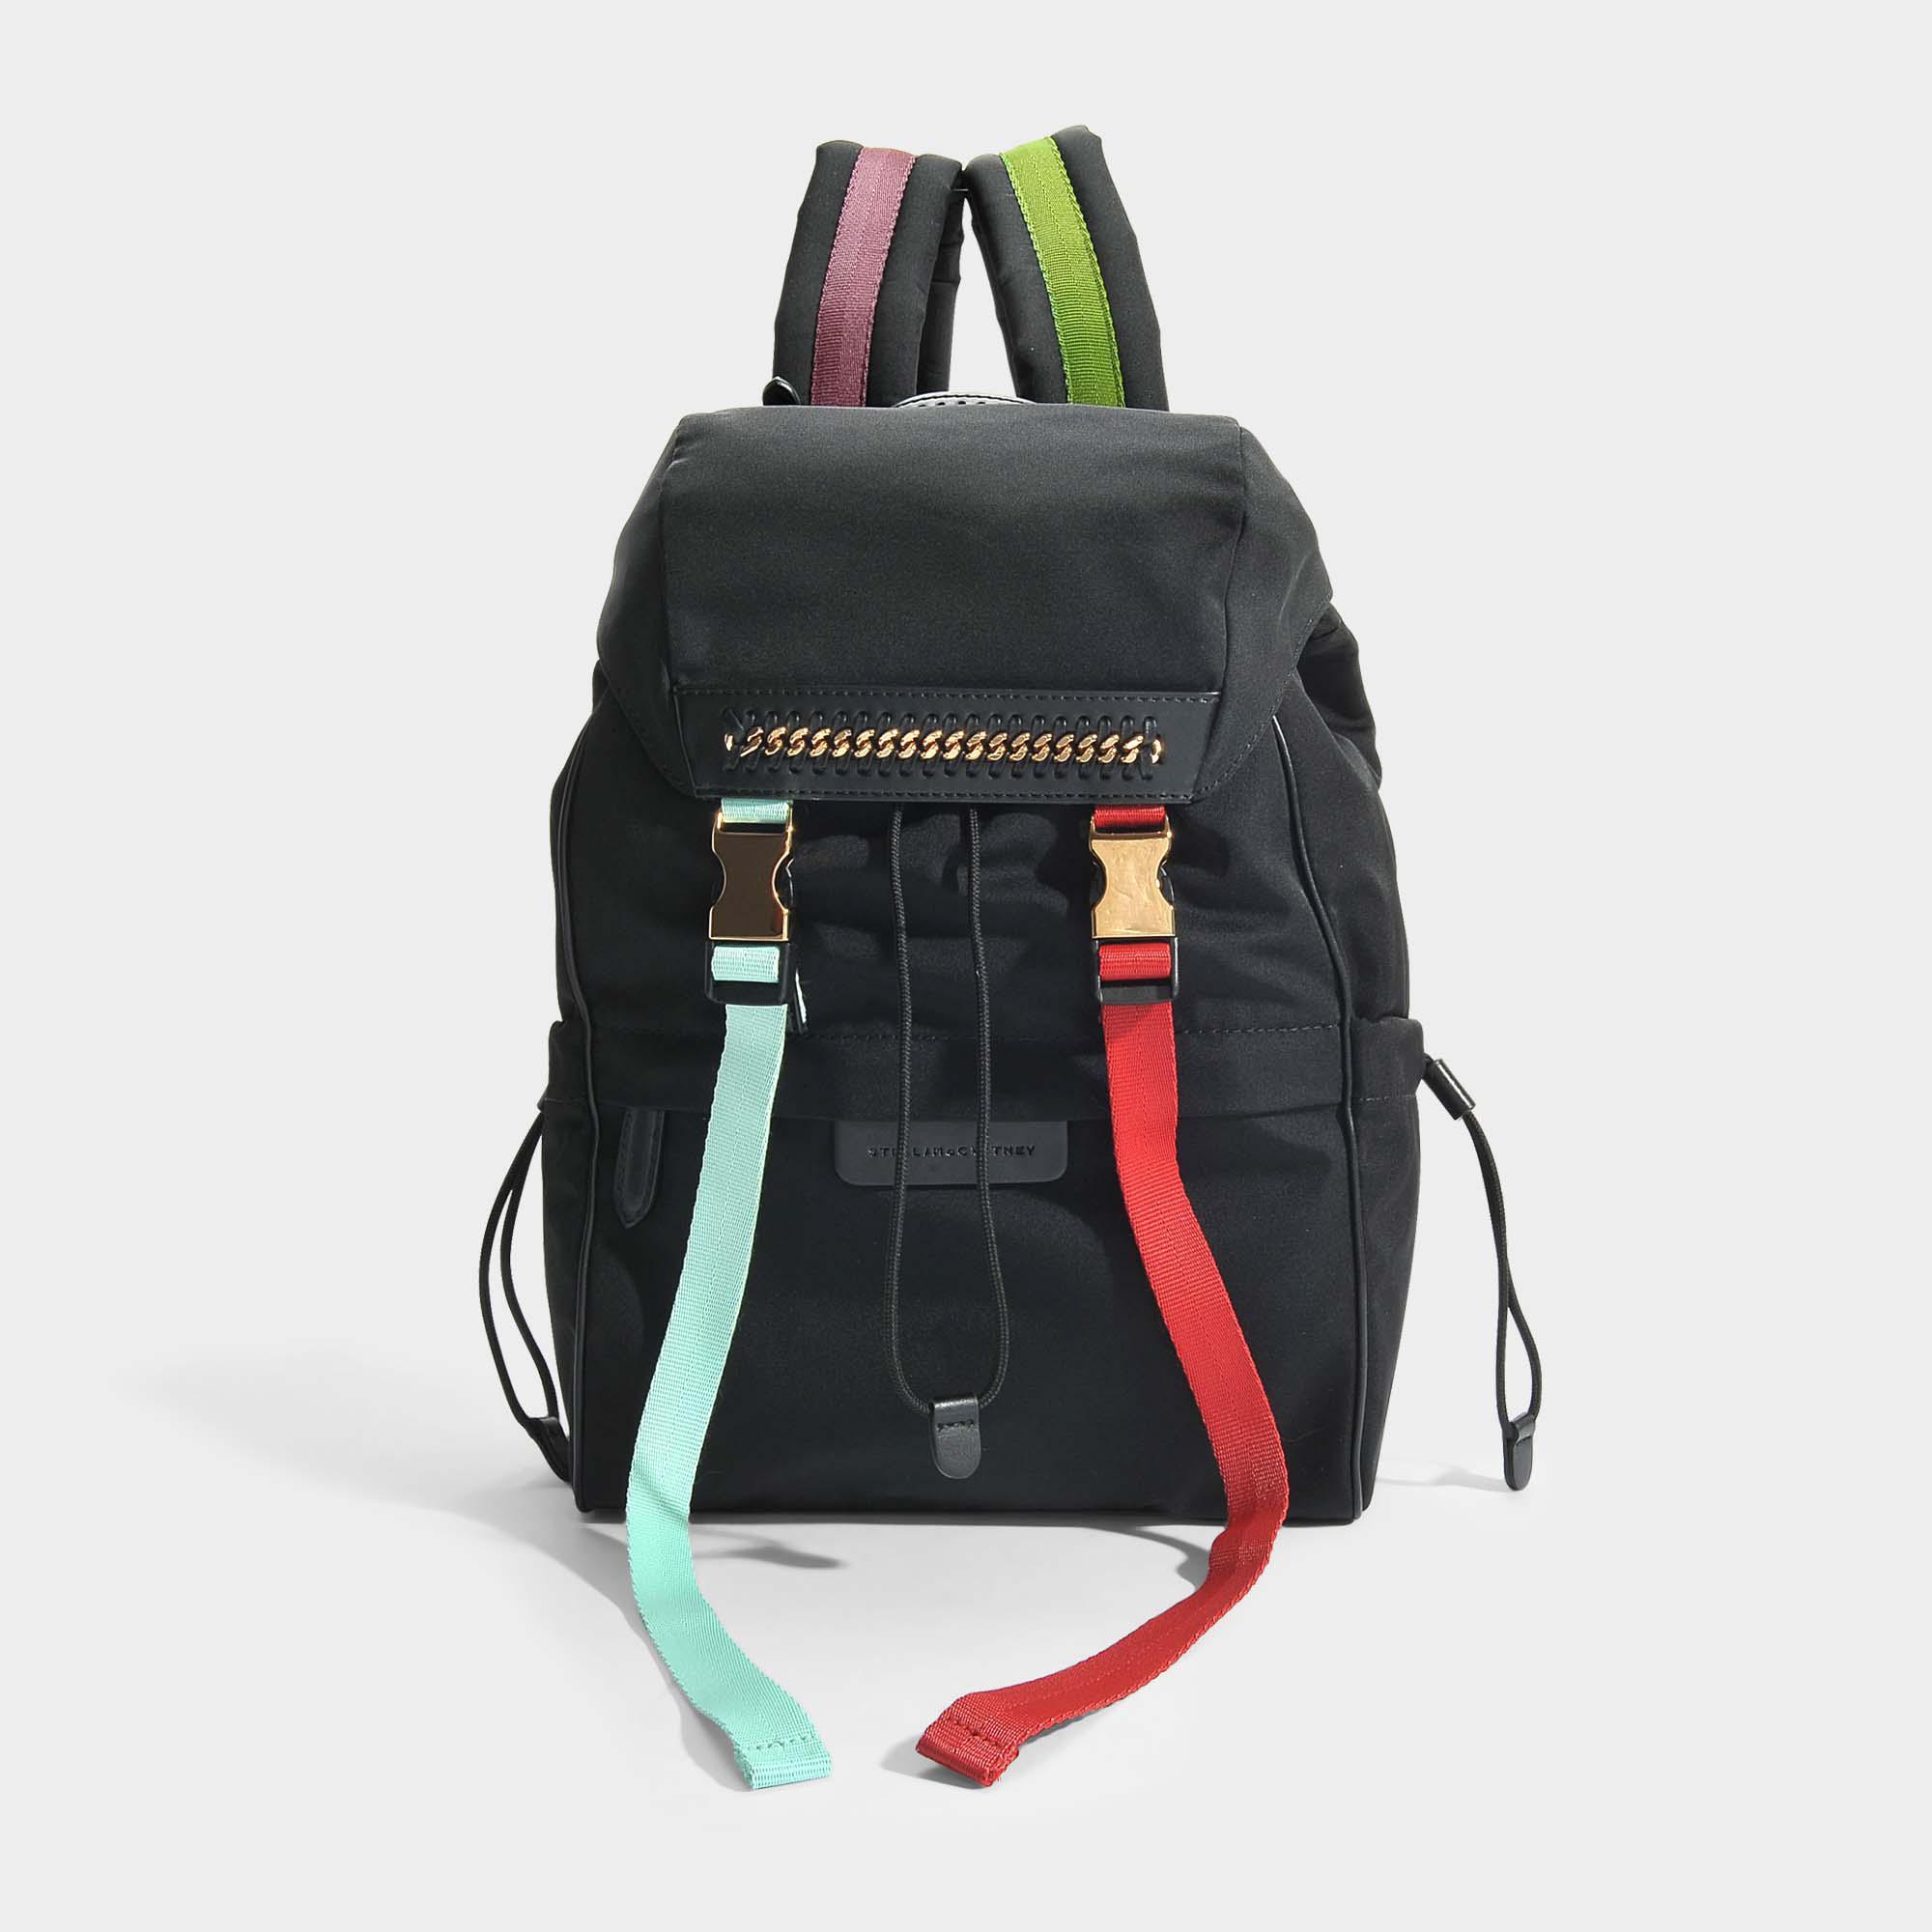 Stella Mccartney Eco Étoiles Nylon Falabella Vont Mini-sac À Dos En Polyester Noir Et Ivoire OE62Sk